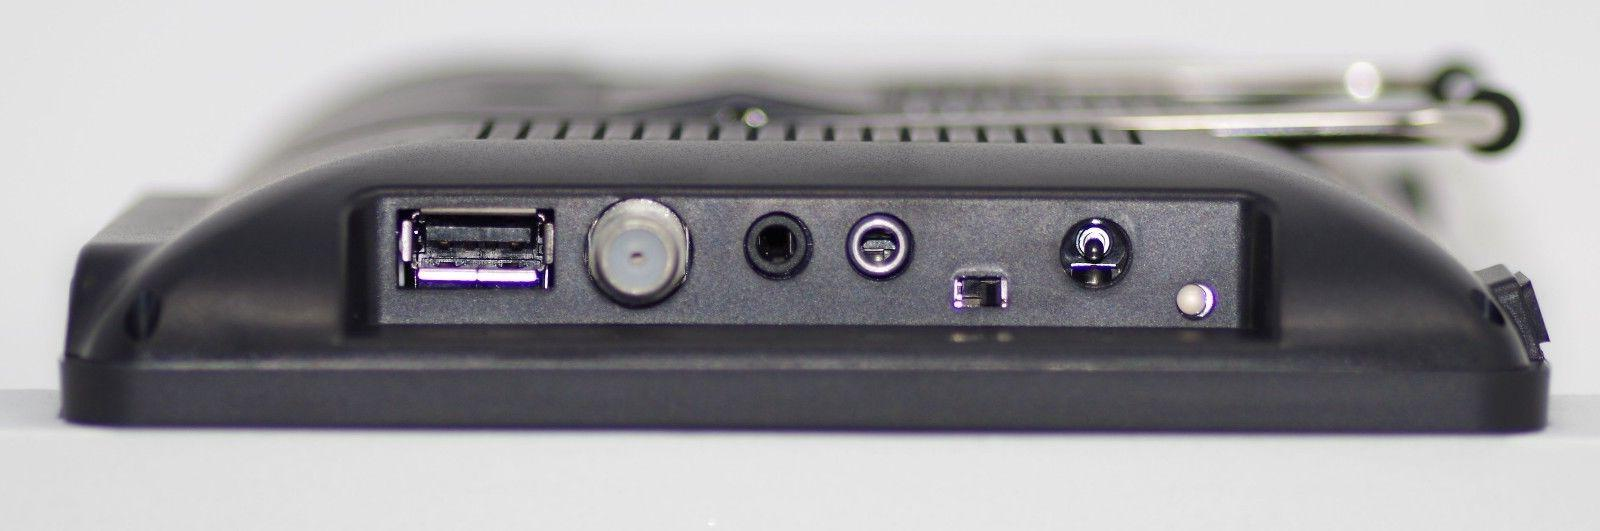 Seiki SC-9SS840N TV